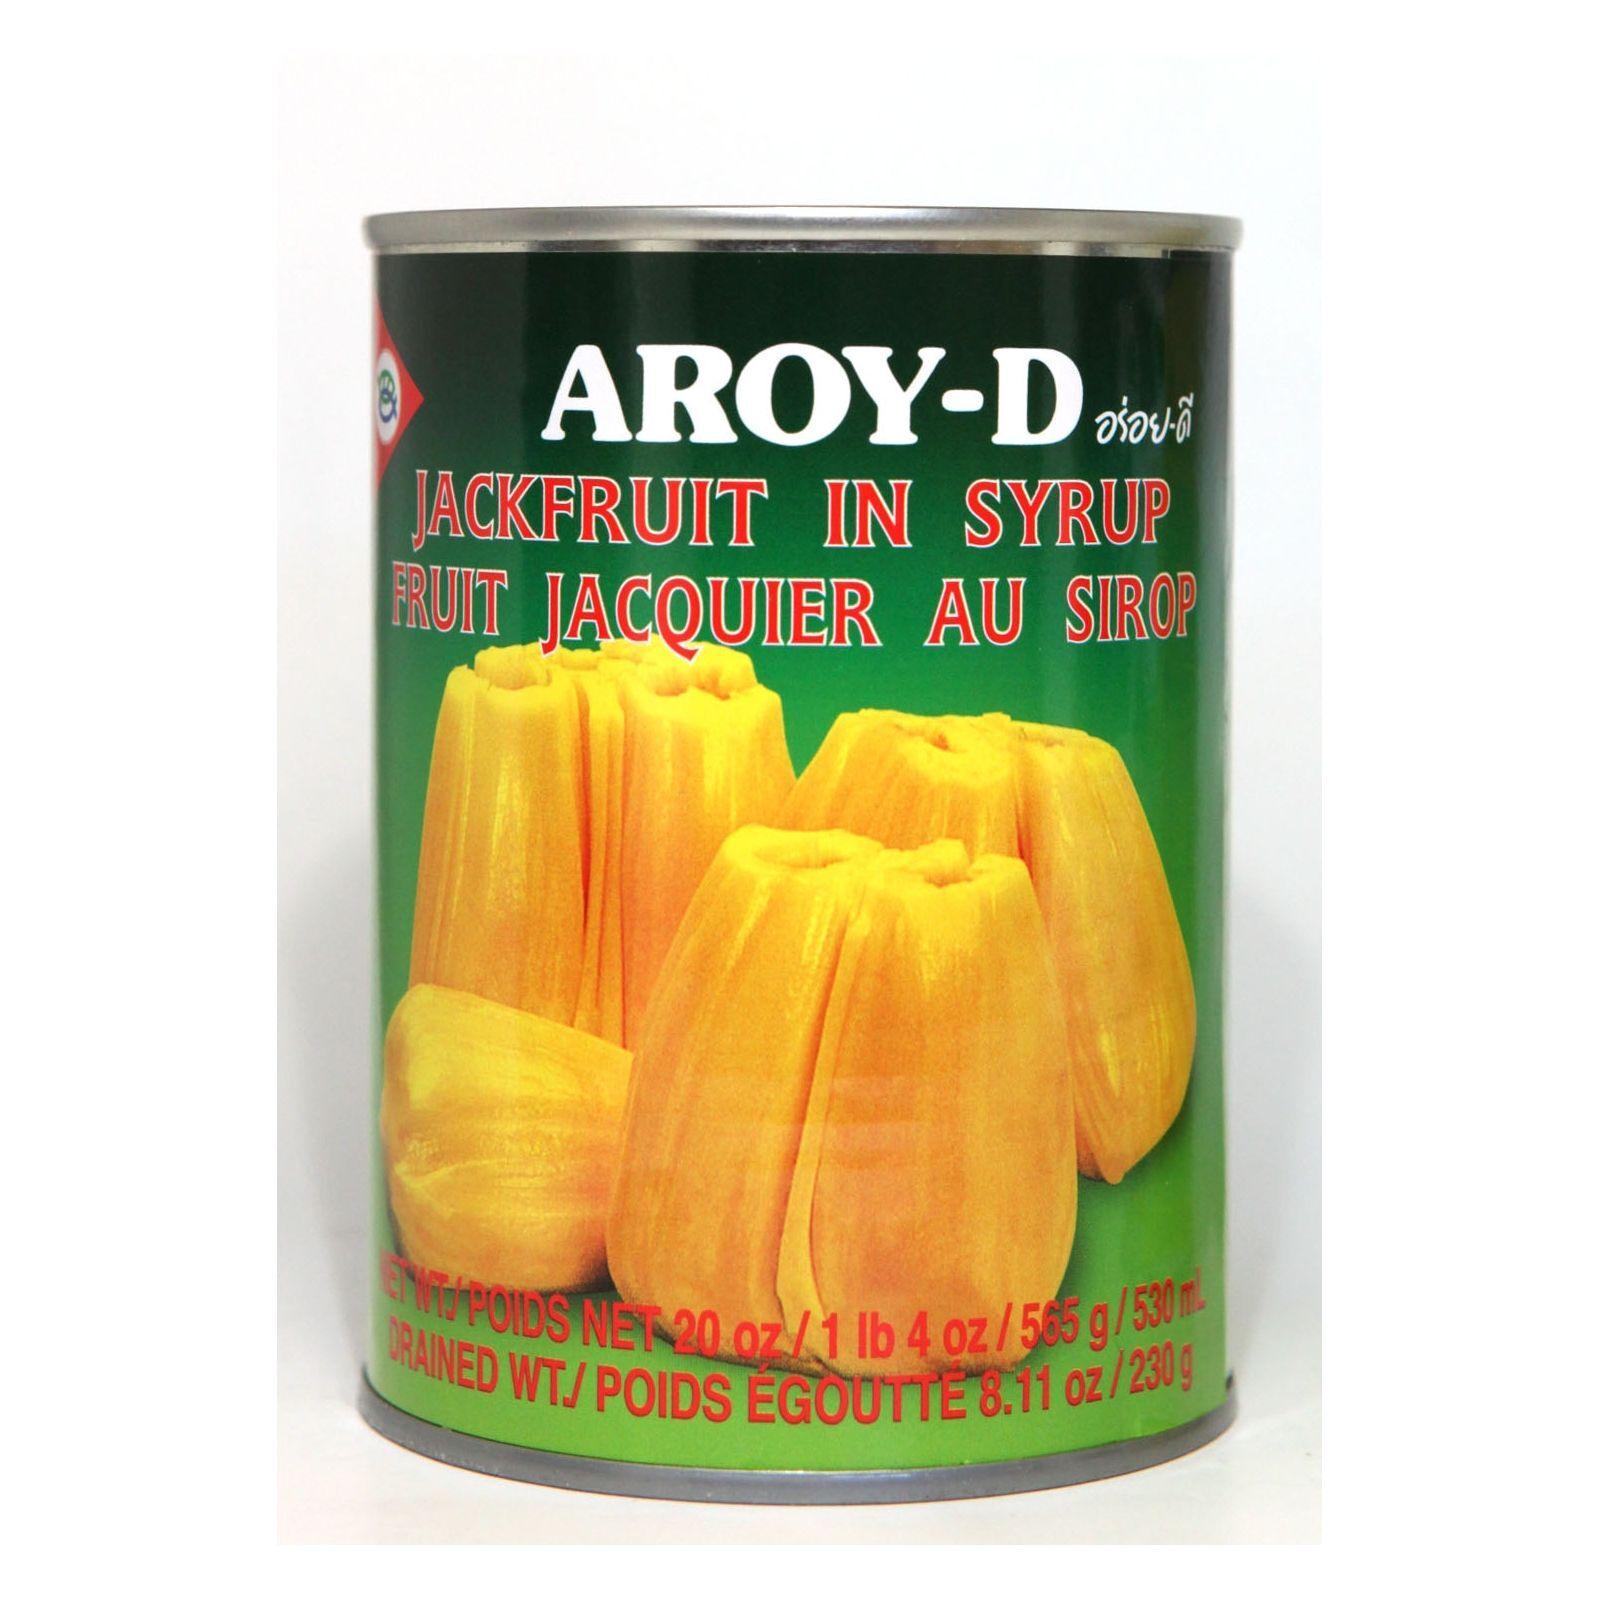 Asia Marché Fruit de Jacquier 565g Aroy-D